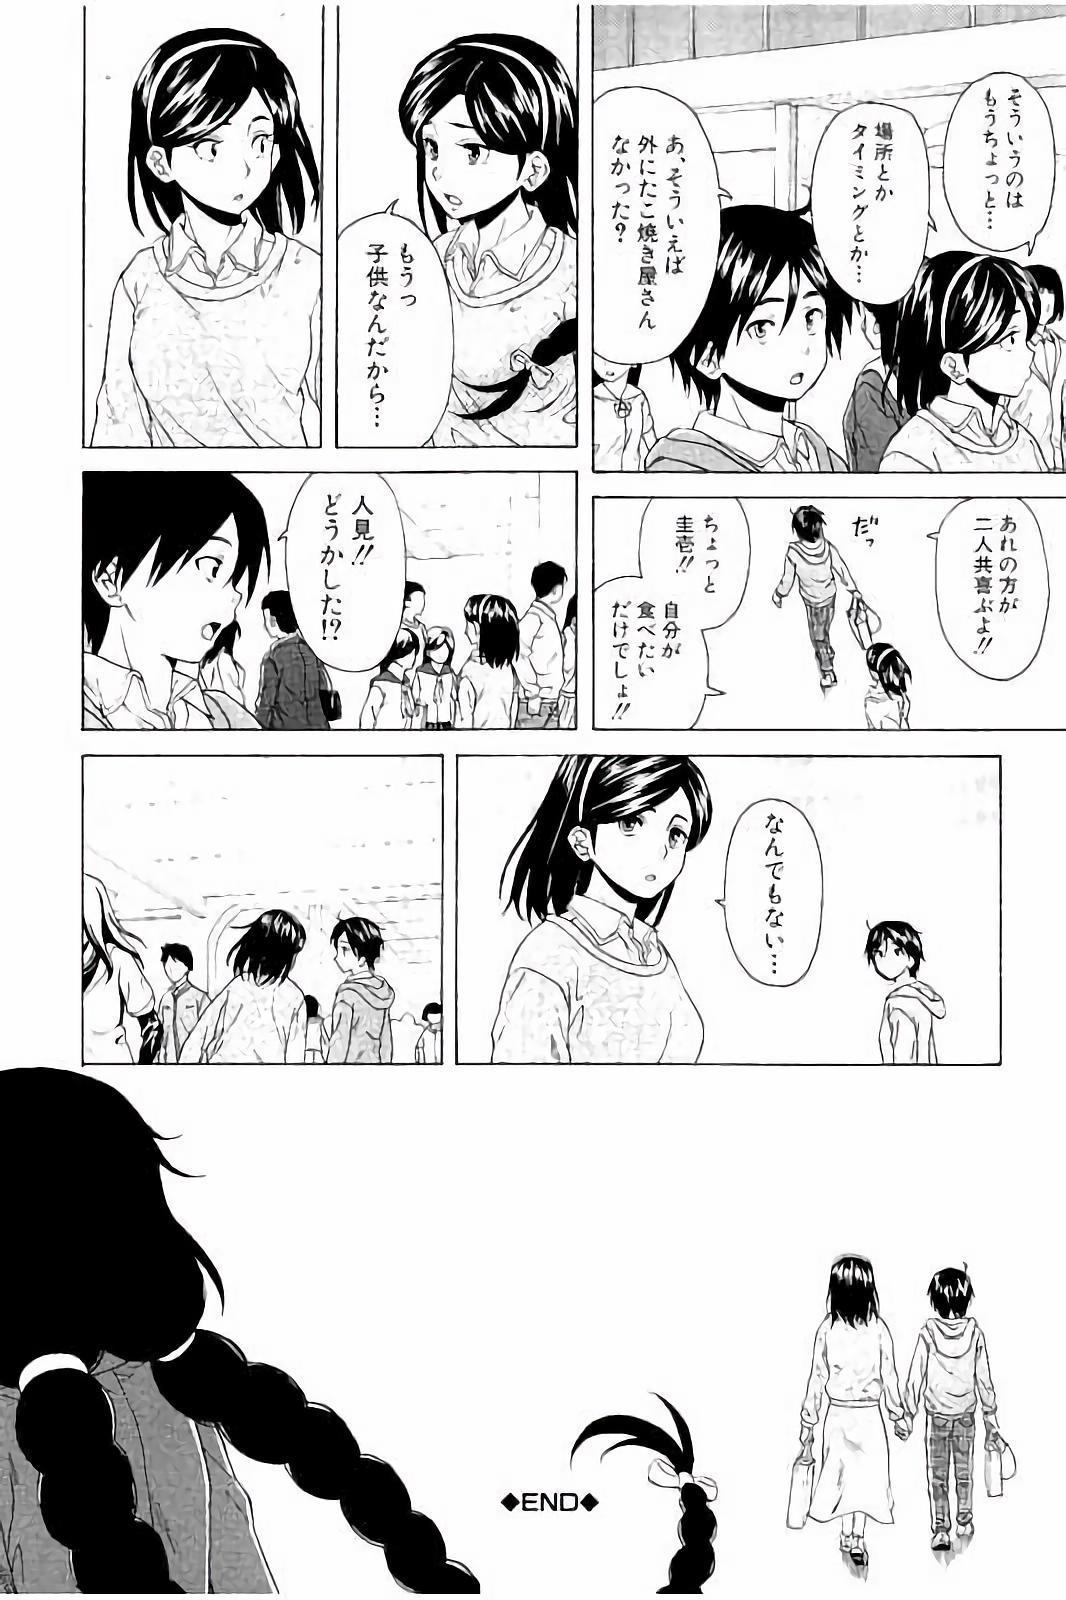 Ane no Himitsu To Boku no Jisatsu 205